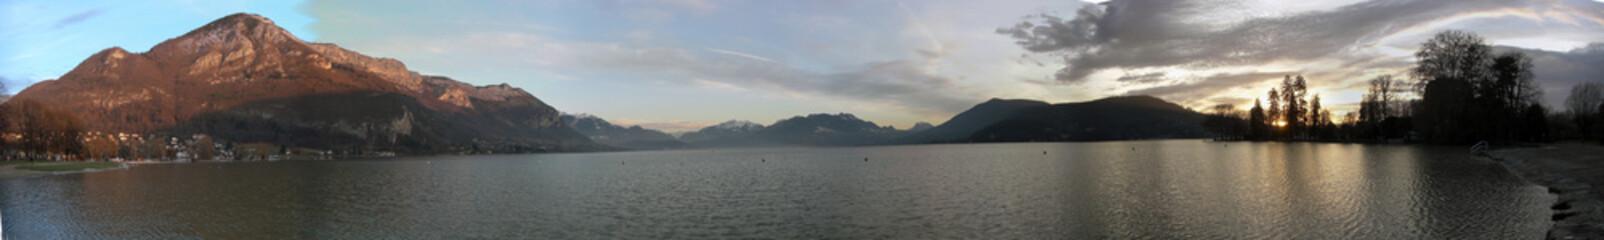 crepuscule lac annecy